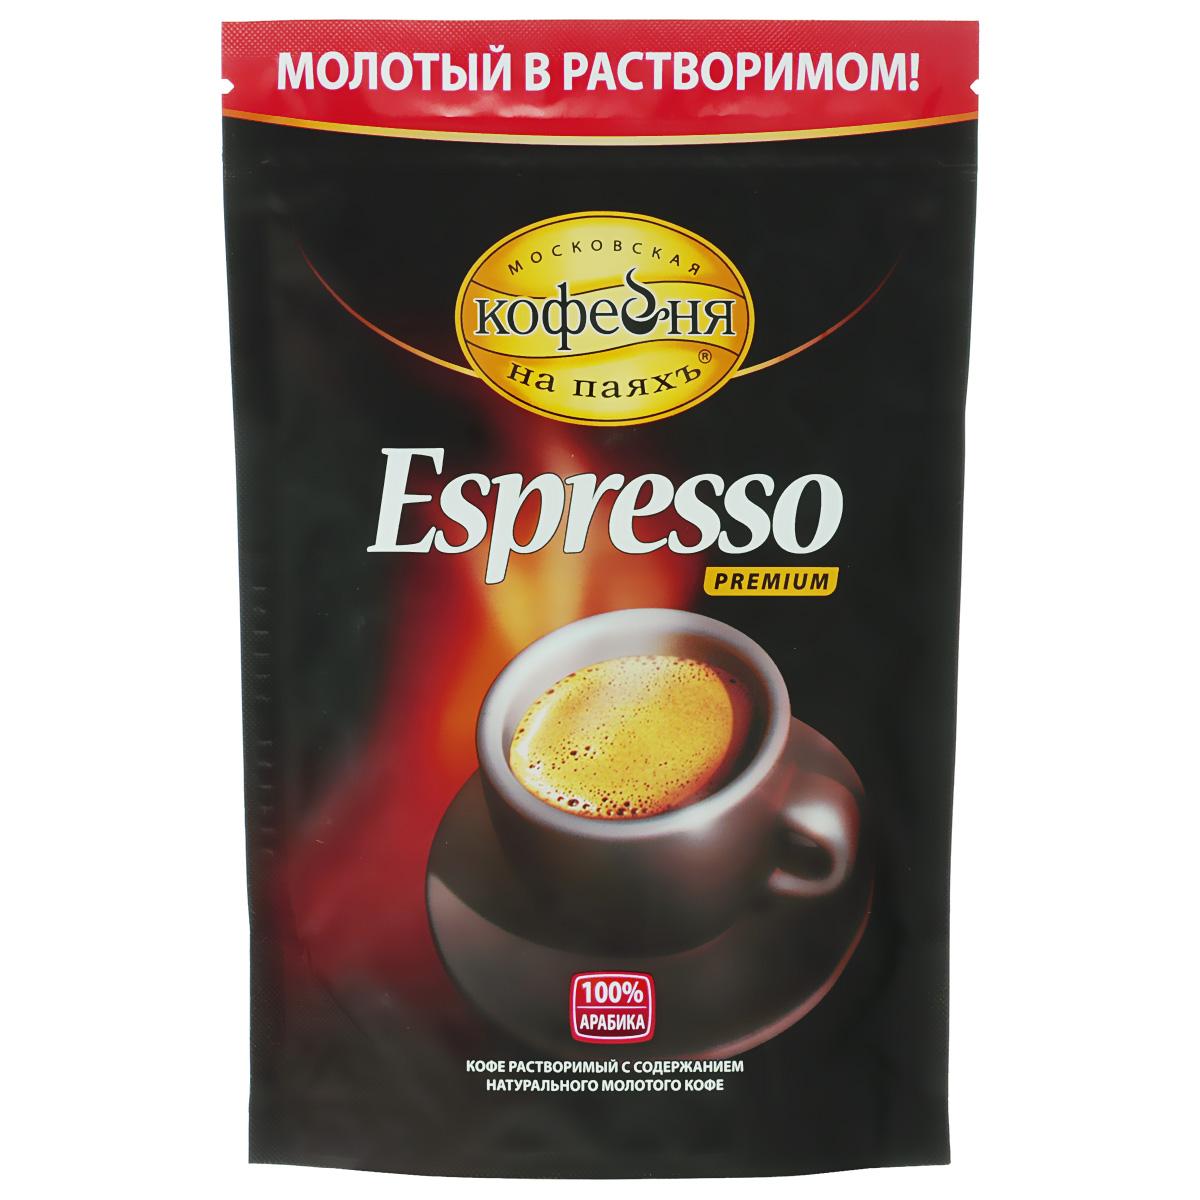 Московская кофейня на паяхъ Espresso кофе рaствоpимый, пакет 95 г8001684025909Бывает так, что очень хочется настоящего свежемолотого кофе, но приготовить его негде, а под рукой только чайник. Для таких случаев придумали Espresso, кофе, подобных которому нет. Элитные сорта арабики из Южной Америки, Африки и Индонезии, итальянская обжарка придают кофе Espresso неповторимый аромат и крепкий насыщенный вкус. А чтобы сохранить этот вкус и аромат, частицы молотого кофе заключены в микрогранулы растворимого. Именно поэтому Espresso обладает вкусом, ароматом свежемолотого кофе и простотой приготовления растворимого. Теперь для того, чтобы попробовать настоящий эспрессо не нужна кофемашина. Espresso достаточно залить кипятком – и через секунды вы получите чашку отличного кофе с крепким насыщенным вкусом и неповторимым ароматом.